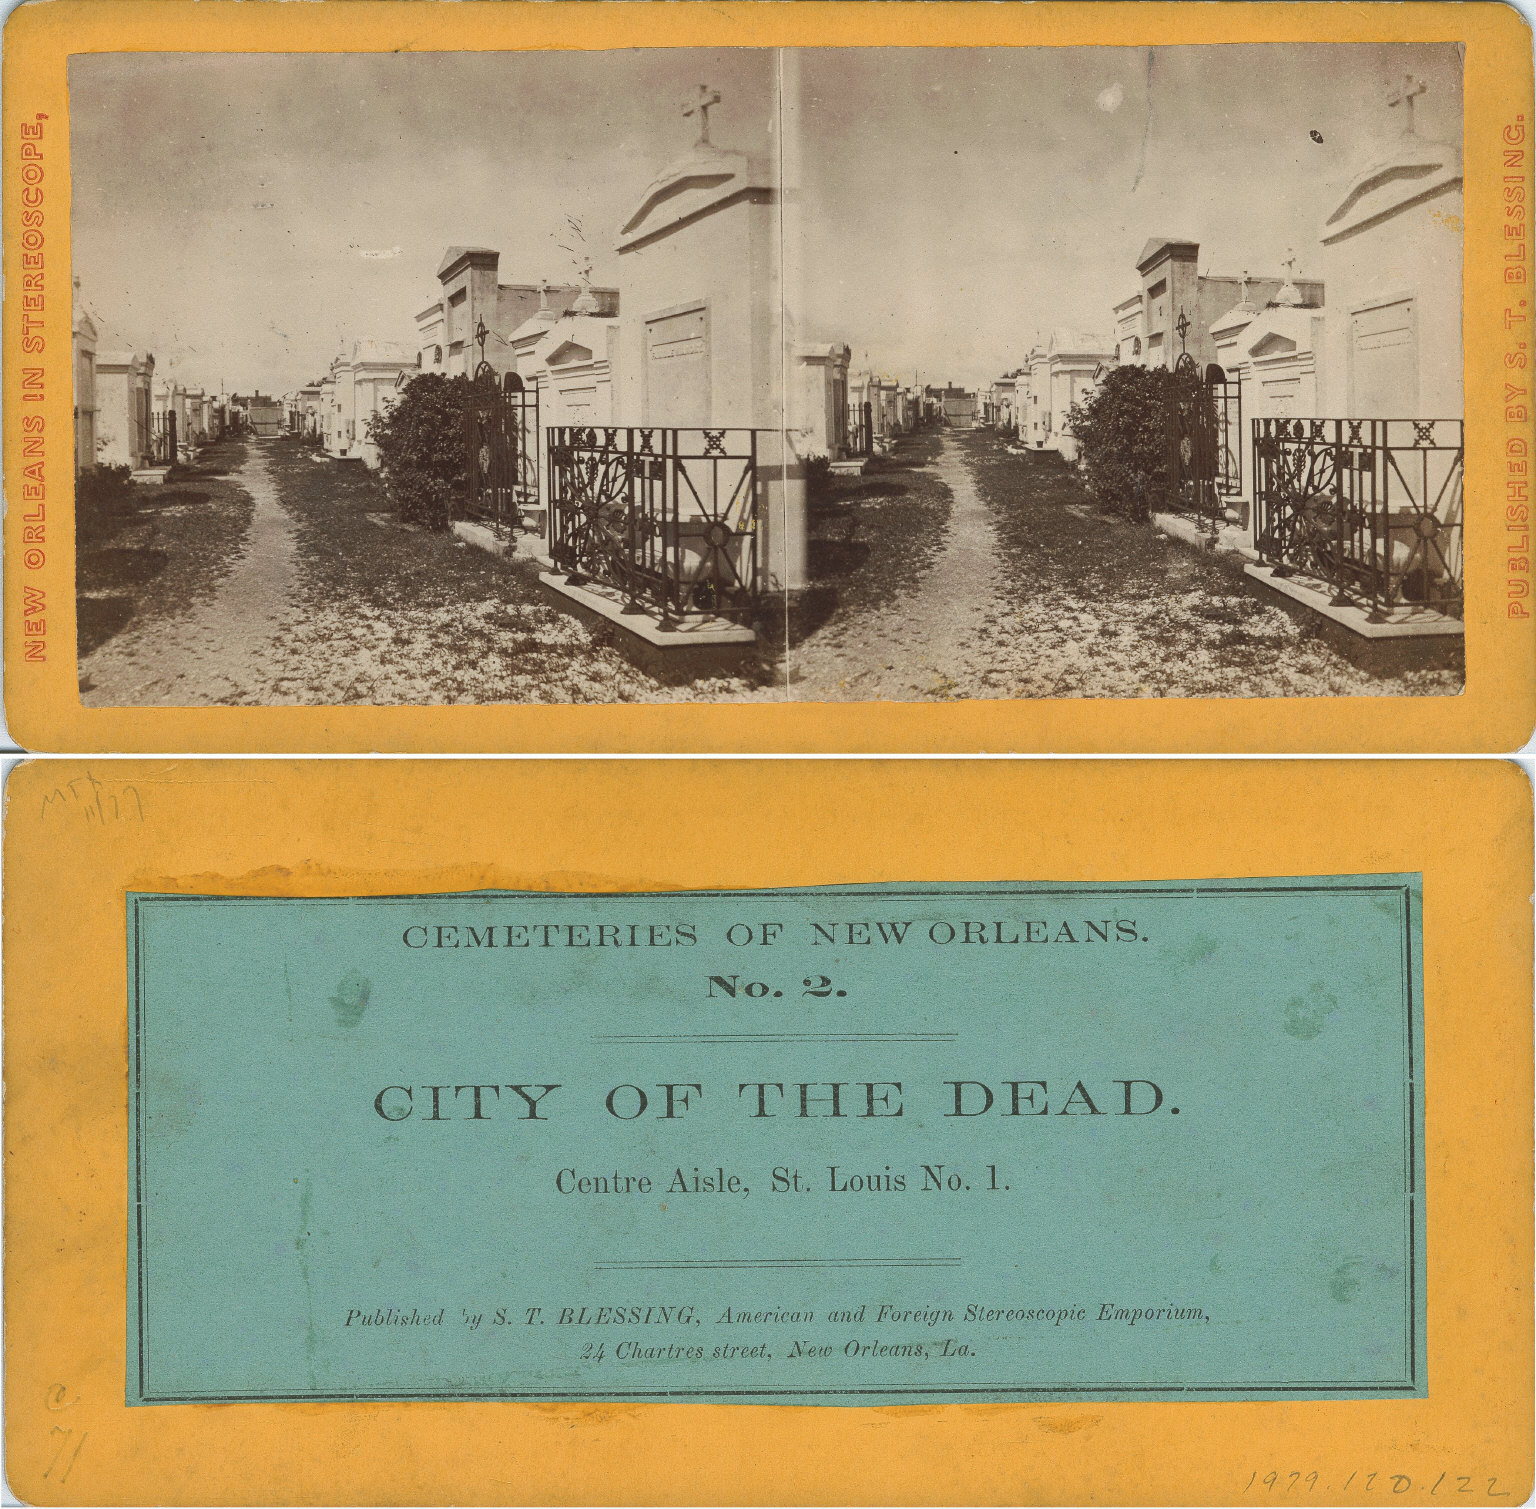 City of the dead center aisle St. Louis No. 1